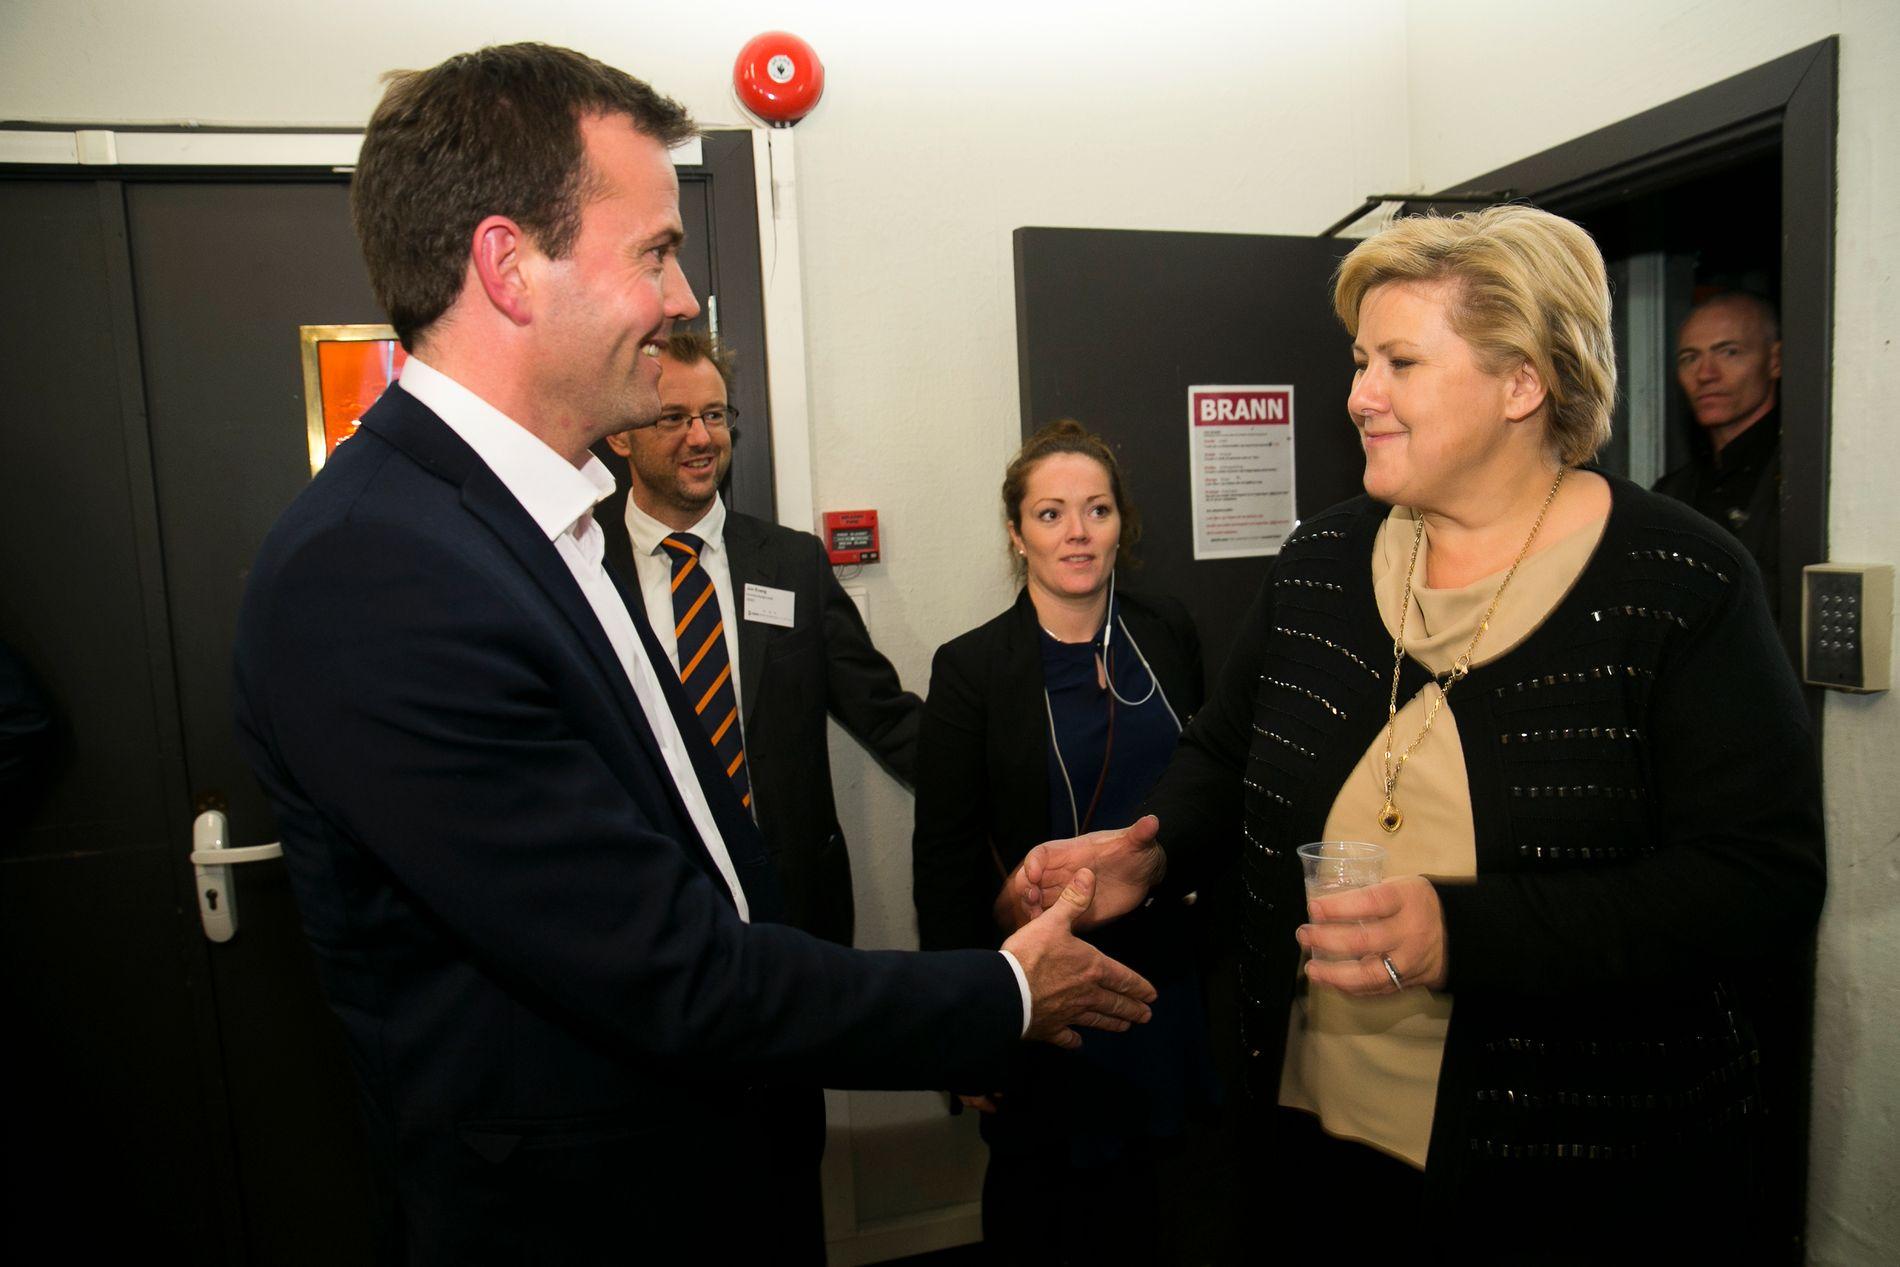 KLIMA-UENIGE: Statsminister Erna Solberg er påmeldt til Zero-konferansen 23-24 november i år, slik hun også var for to år siden, da Zero-sjef Marius Holm tok imot henne. Foto: Heiko Junge / NTB scanpix